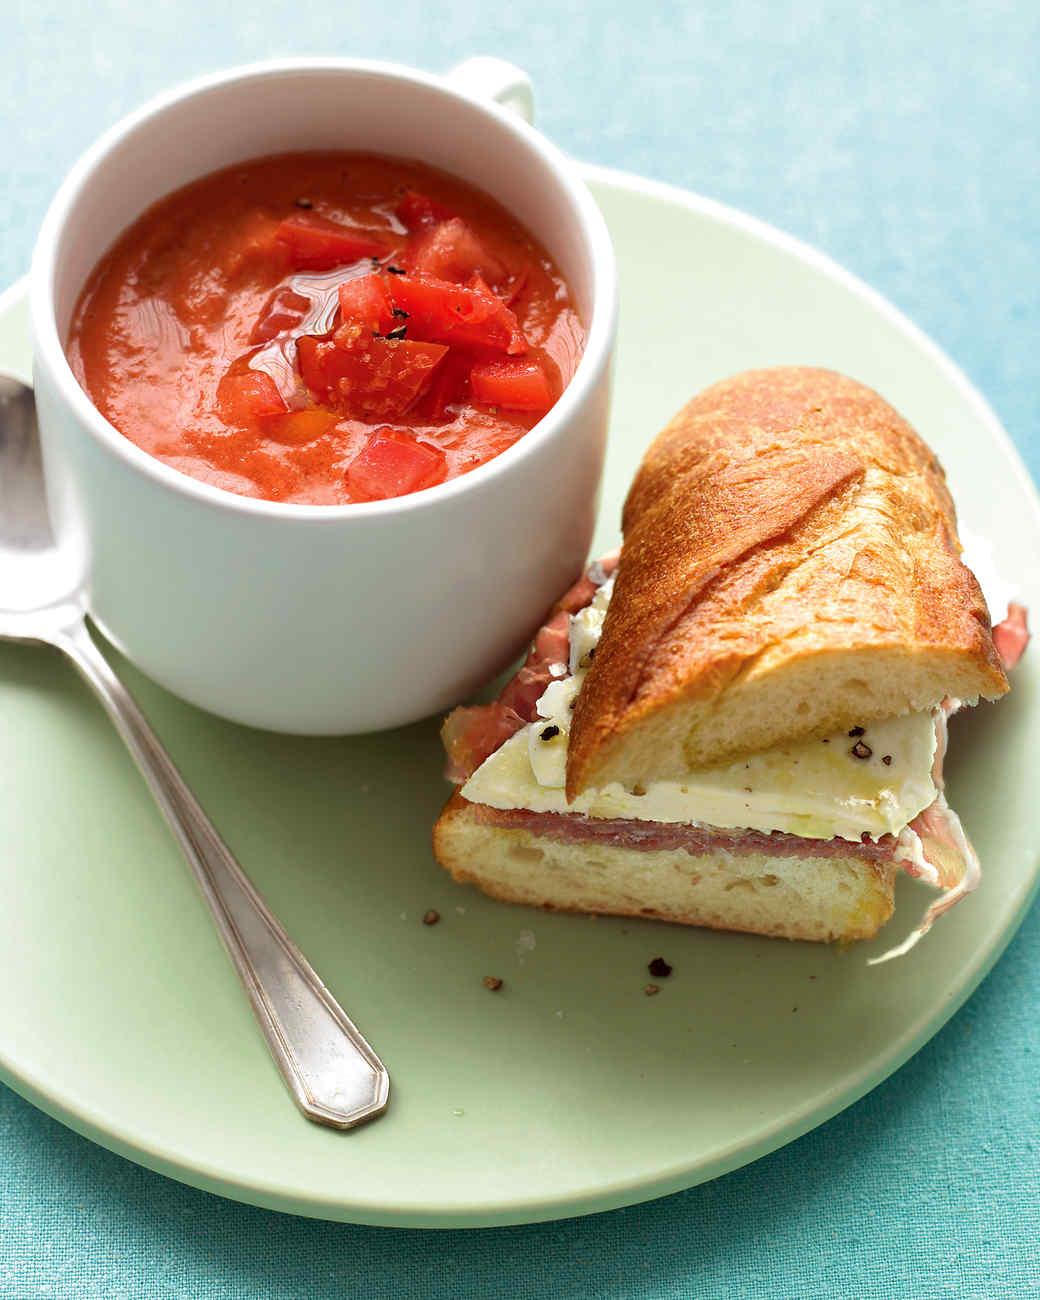 Tomato Gazpacho with Prosciutto-Mozzarella Sandwiches